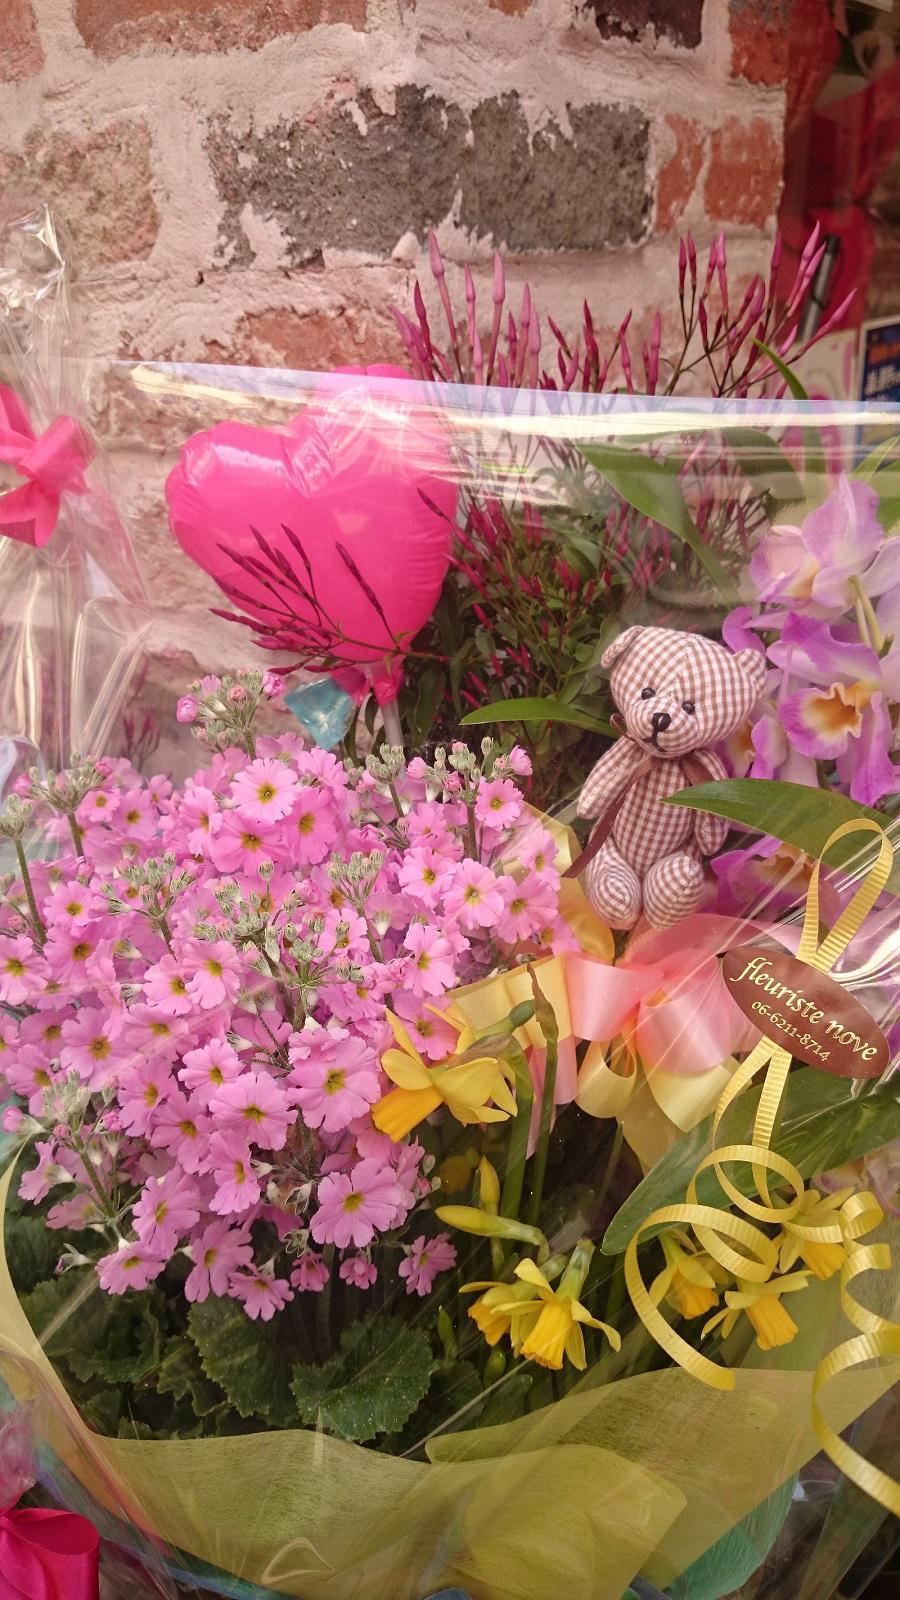 季節毎や新しいお花などトレンドに敏感